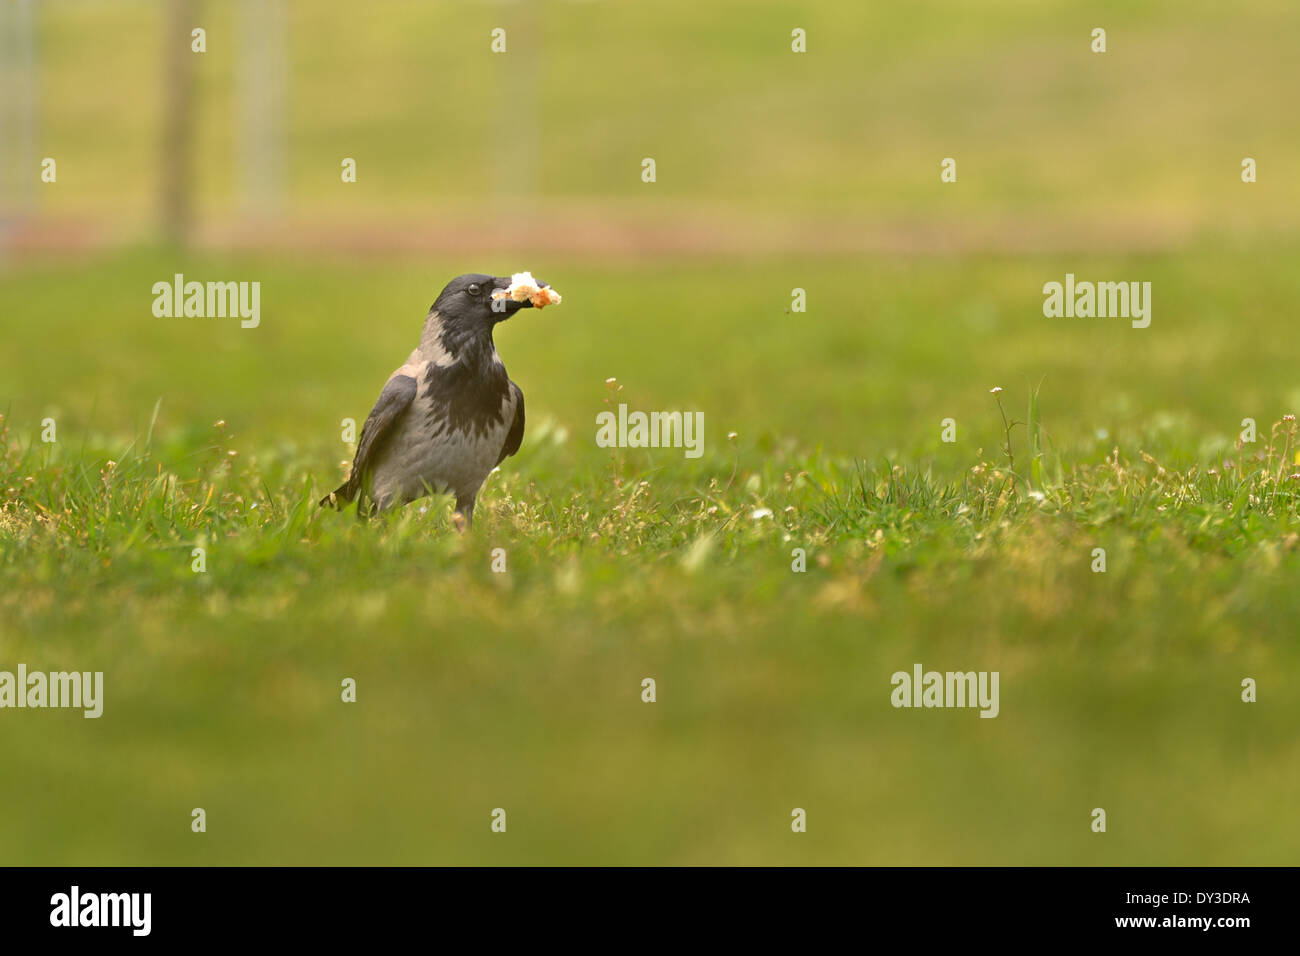 Nebelkrähe in Rasen mit einem Stück Brot auf der Suche Kamera. Stockbild